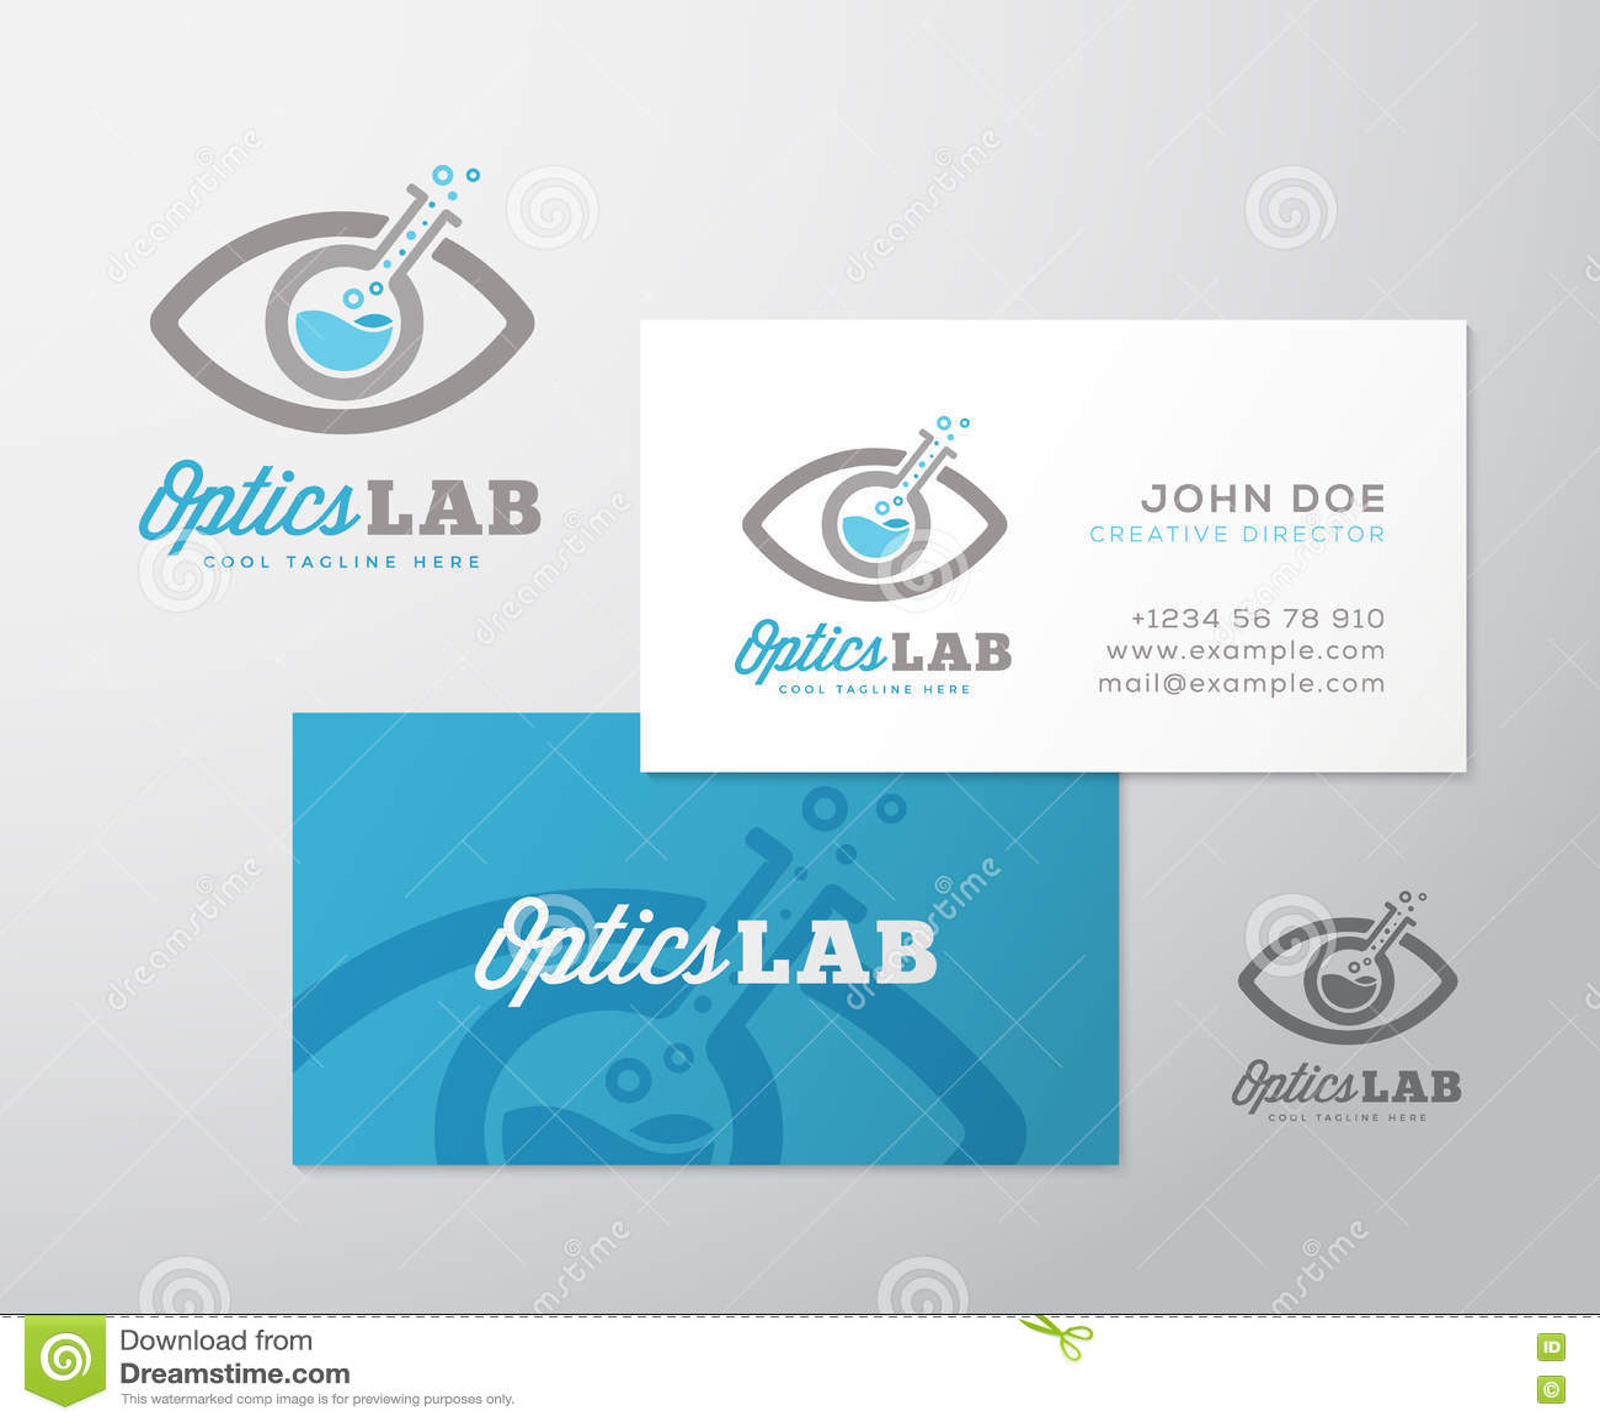 Vecteur Logo Template D Abrege Sur Laboratoire Optique Et Disposition De Carte Visite Professionnelle